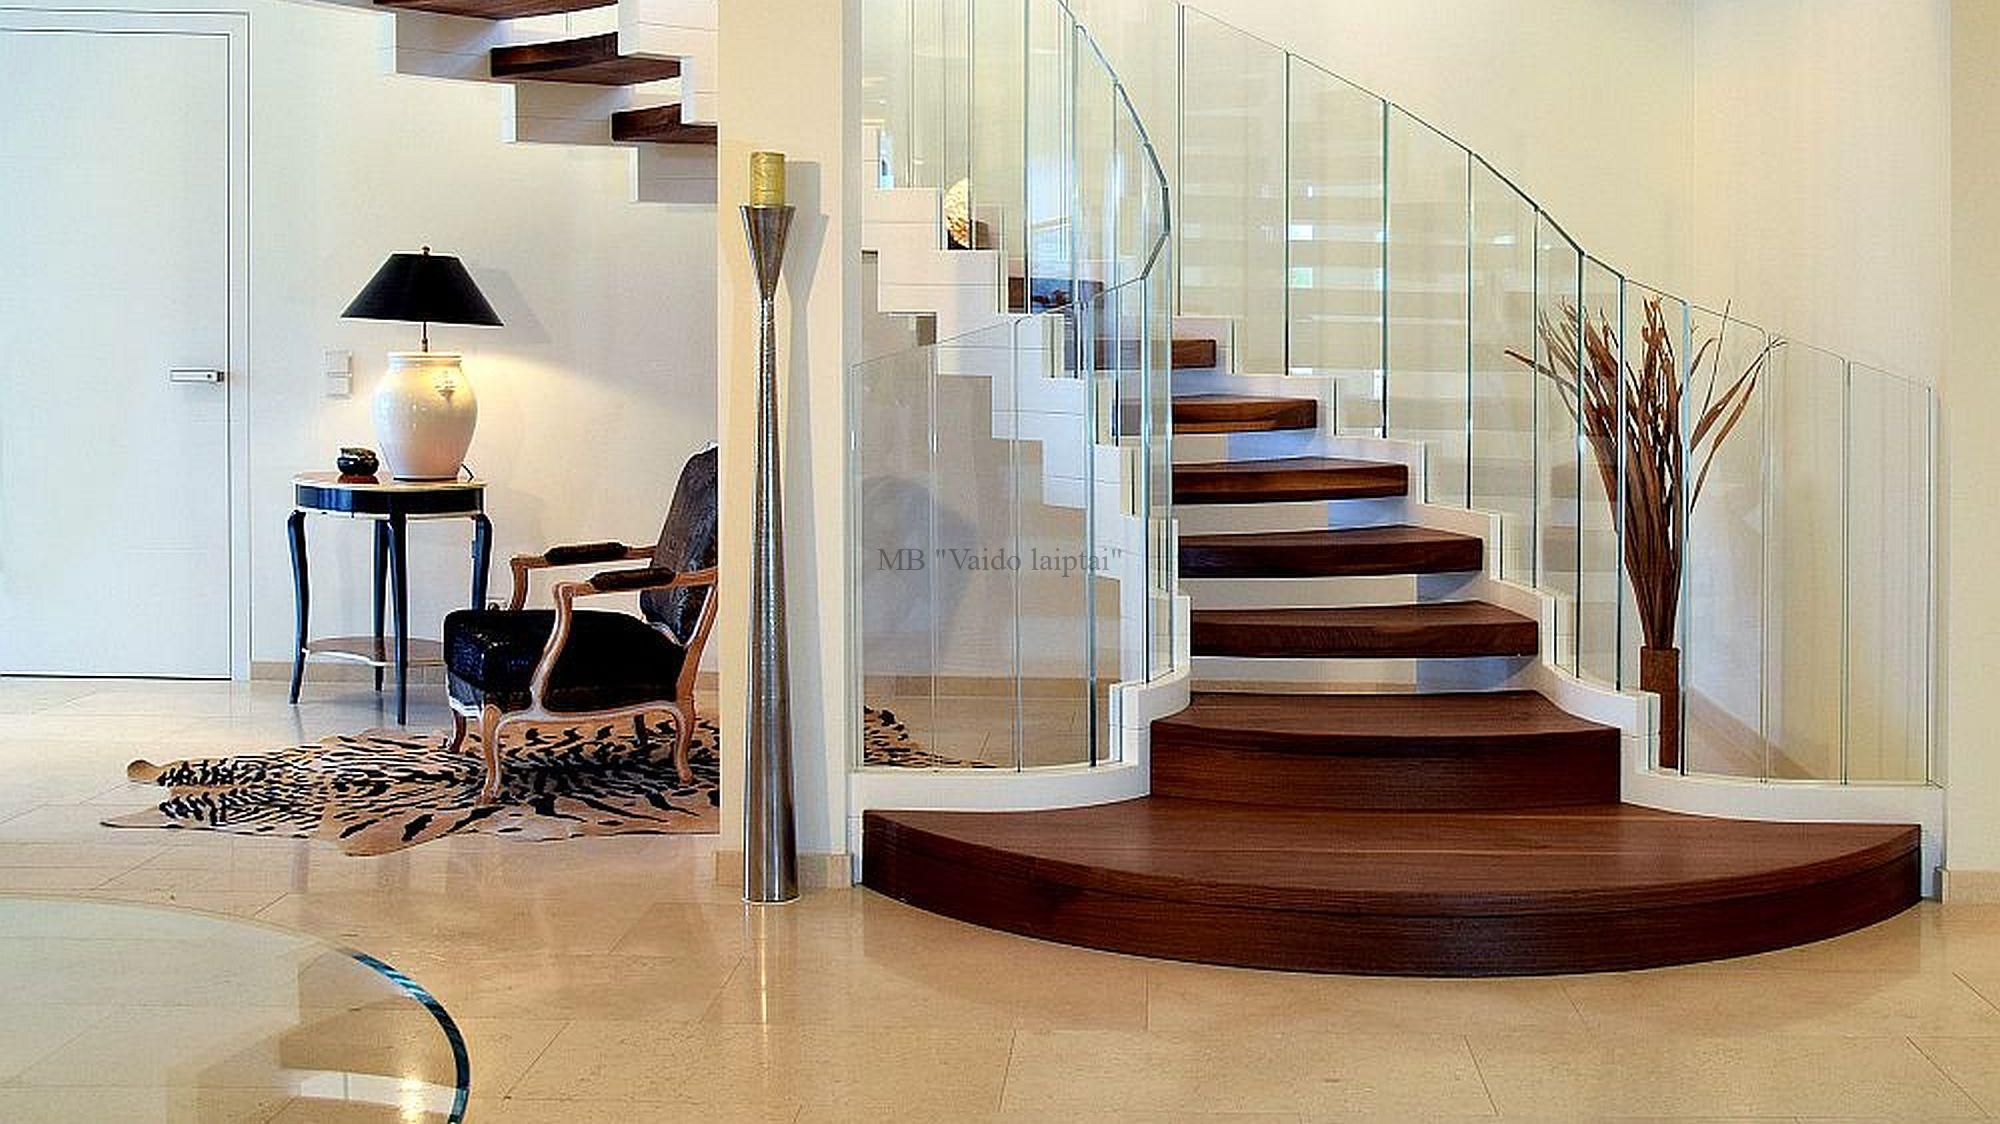 vidaus laiptai, mediniai laiptai kaina